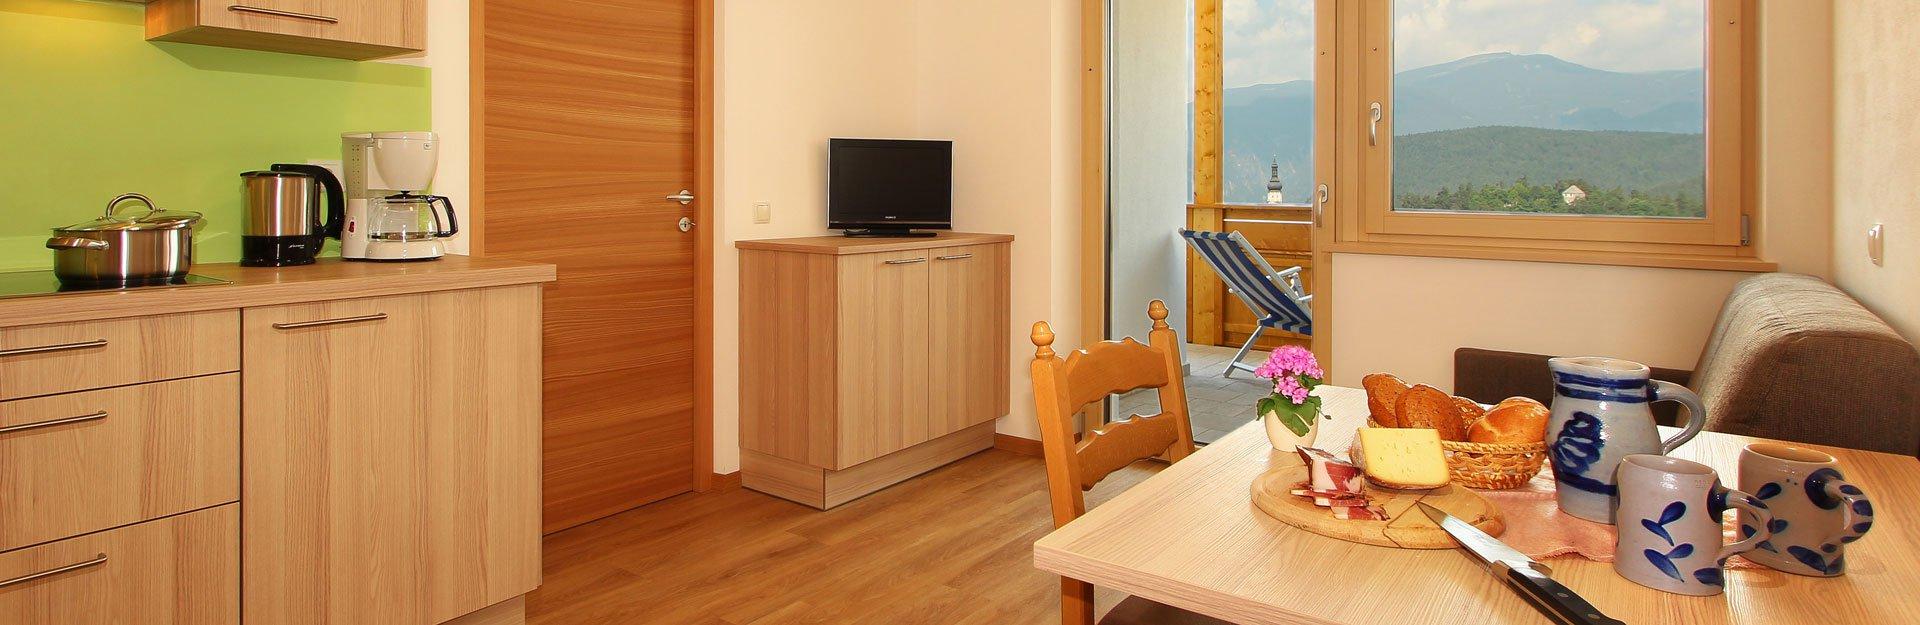 Appartamenti ristrutturati e confortevoli a castelrotto for Appartamenti ristrutturati